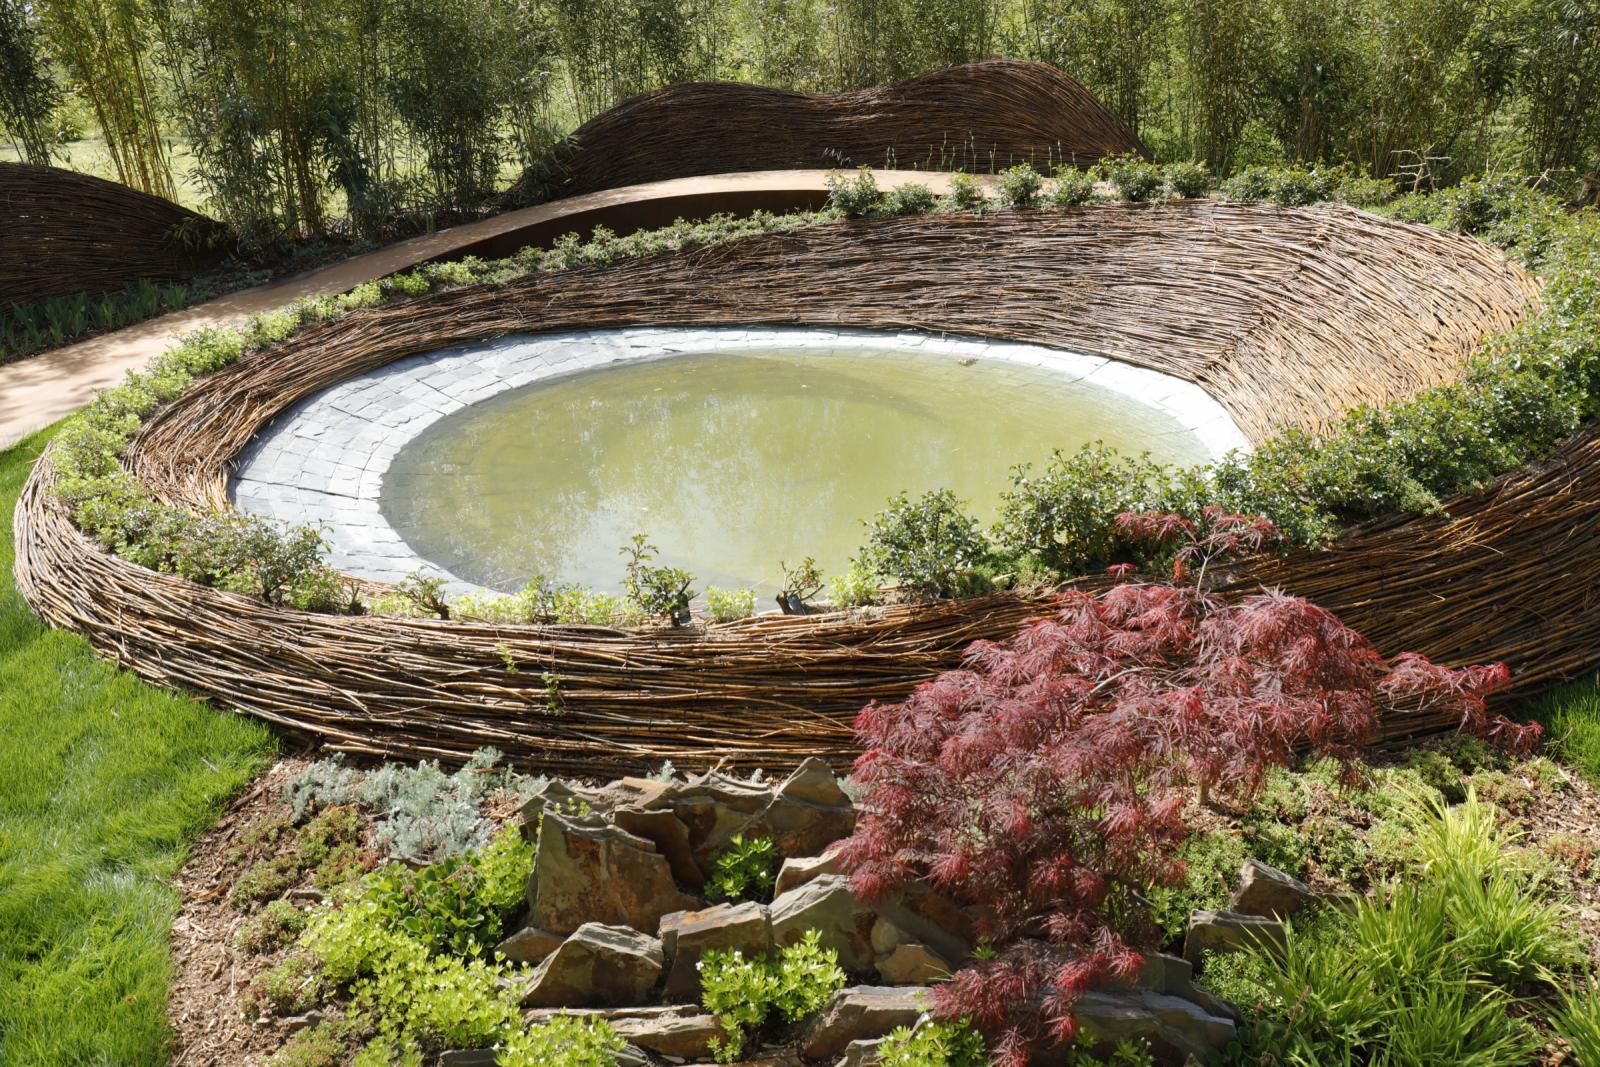 Le jardin chinois domaine de chaumont sur loire for Conception jardin chinois